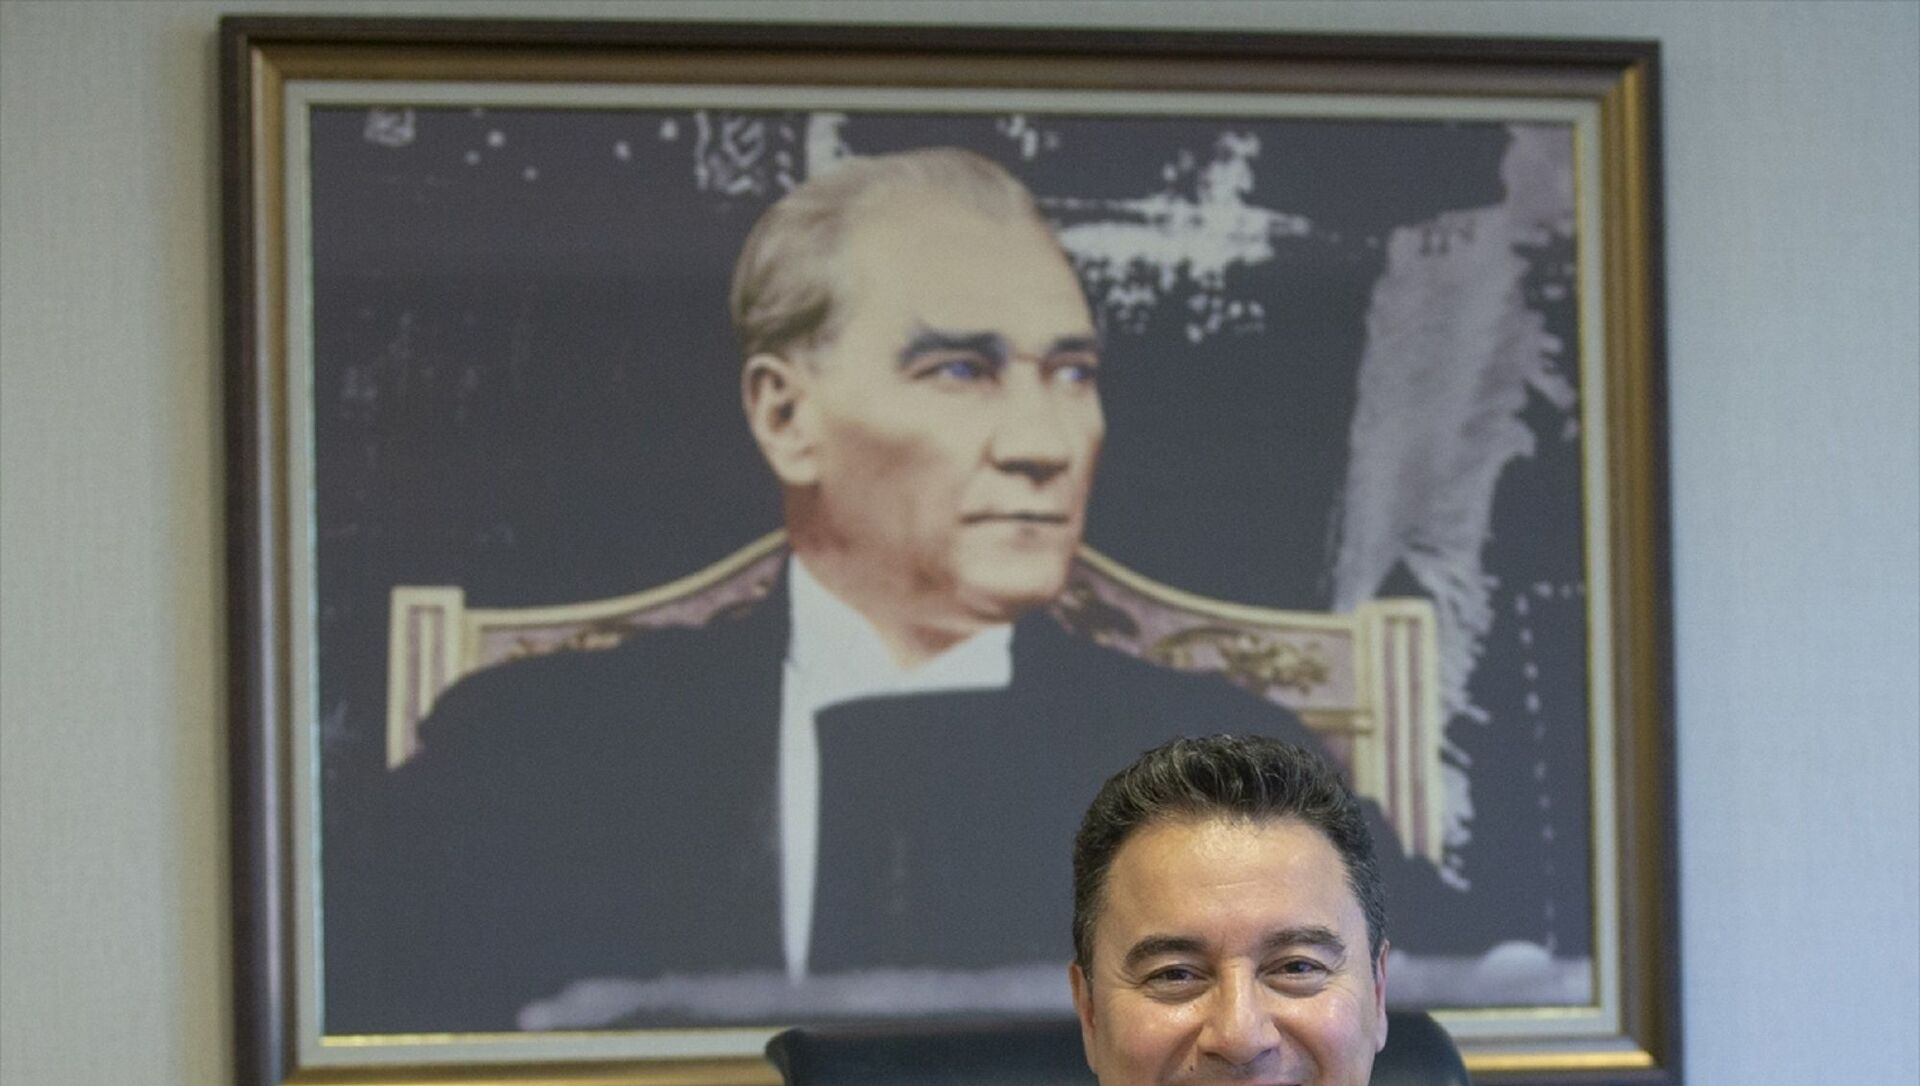 Demokrasi ve Atılım Partisi (DEVA) Genel Başkanı Ali Babacan, parti genel merkezinde gazetecilerle bir araya gelerek, gazetecilerin sorularını yanıtladı. - Sputnik Türkiye, 1920, 04.04.2021